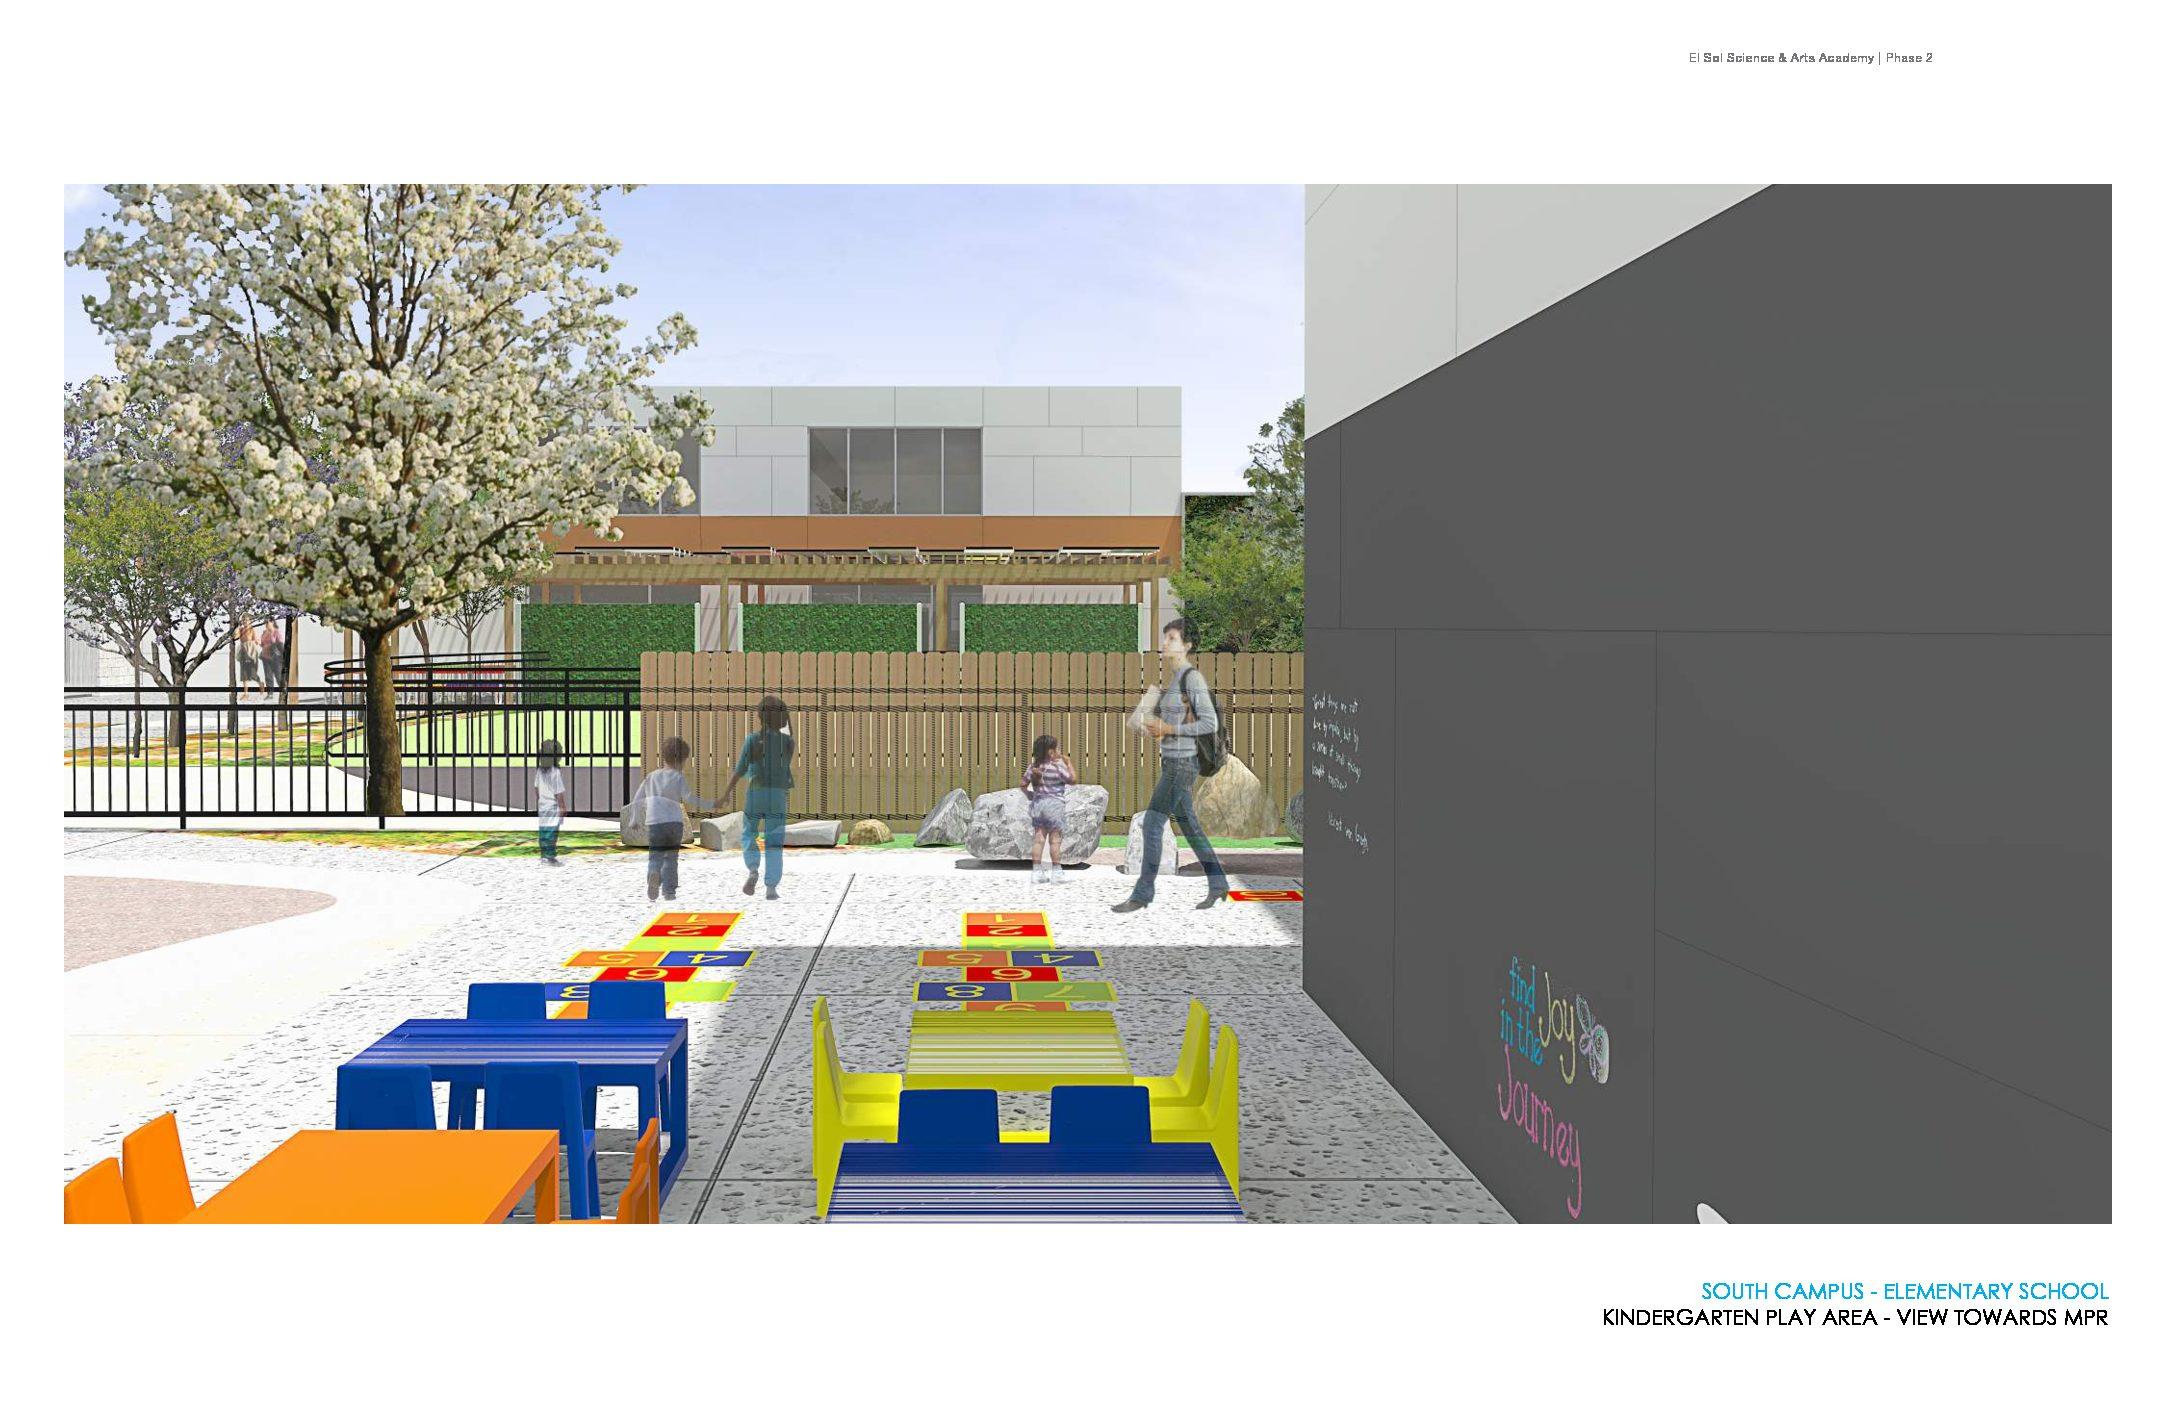 El Sol Academy New Campus Playground